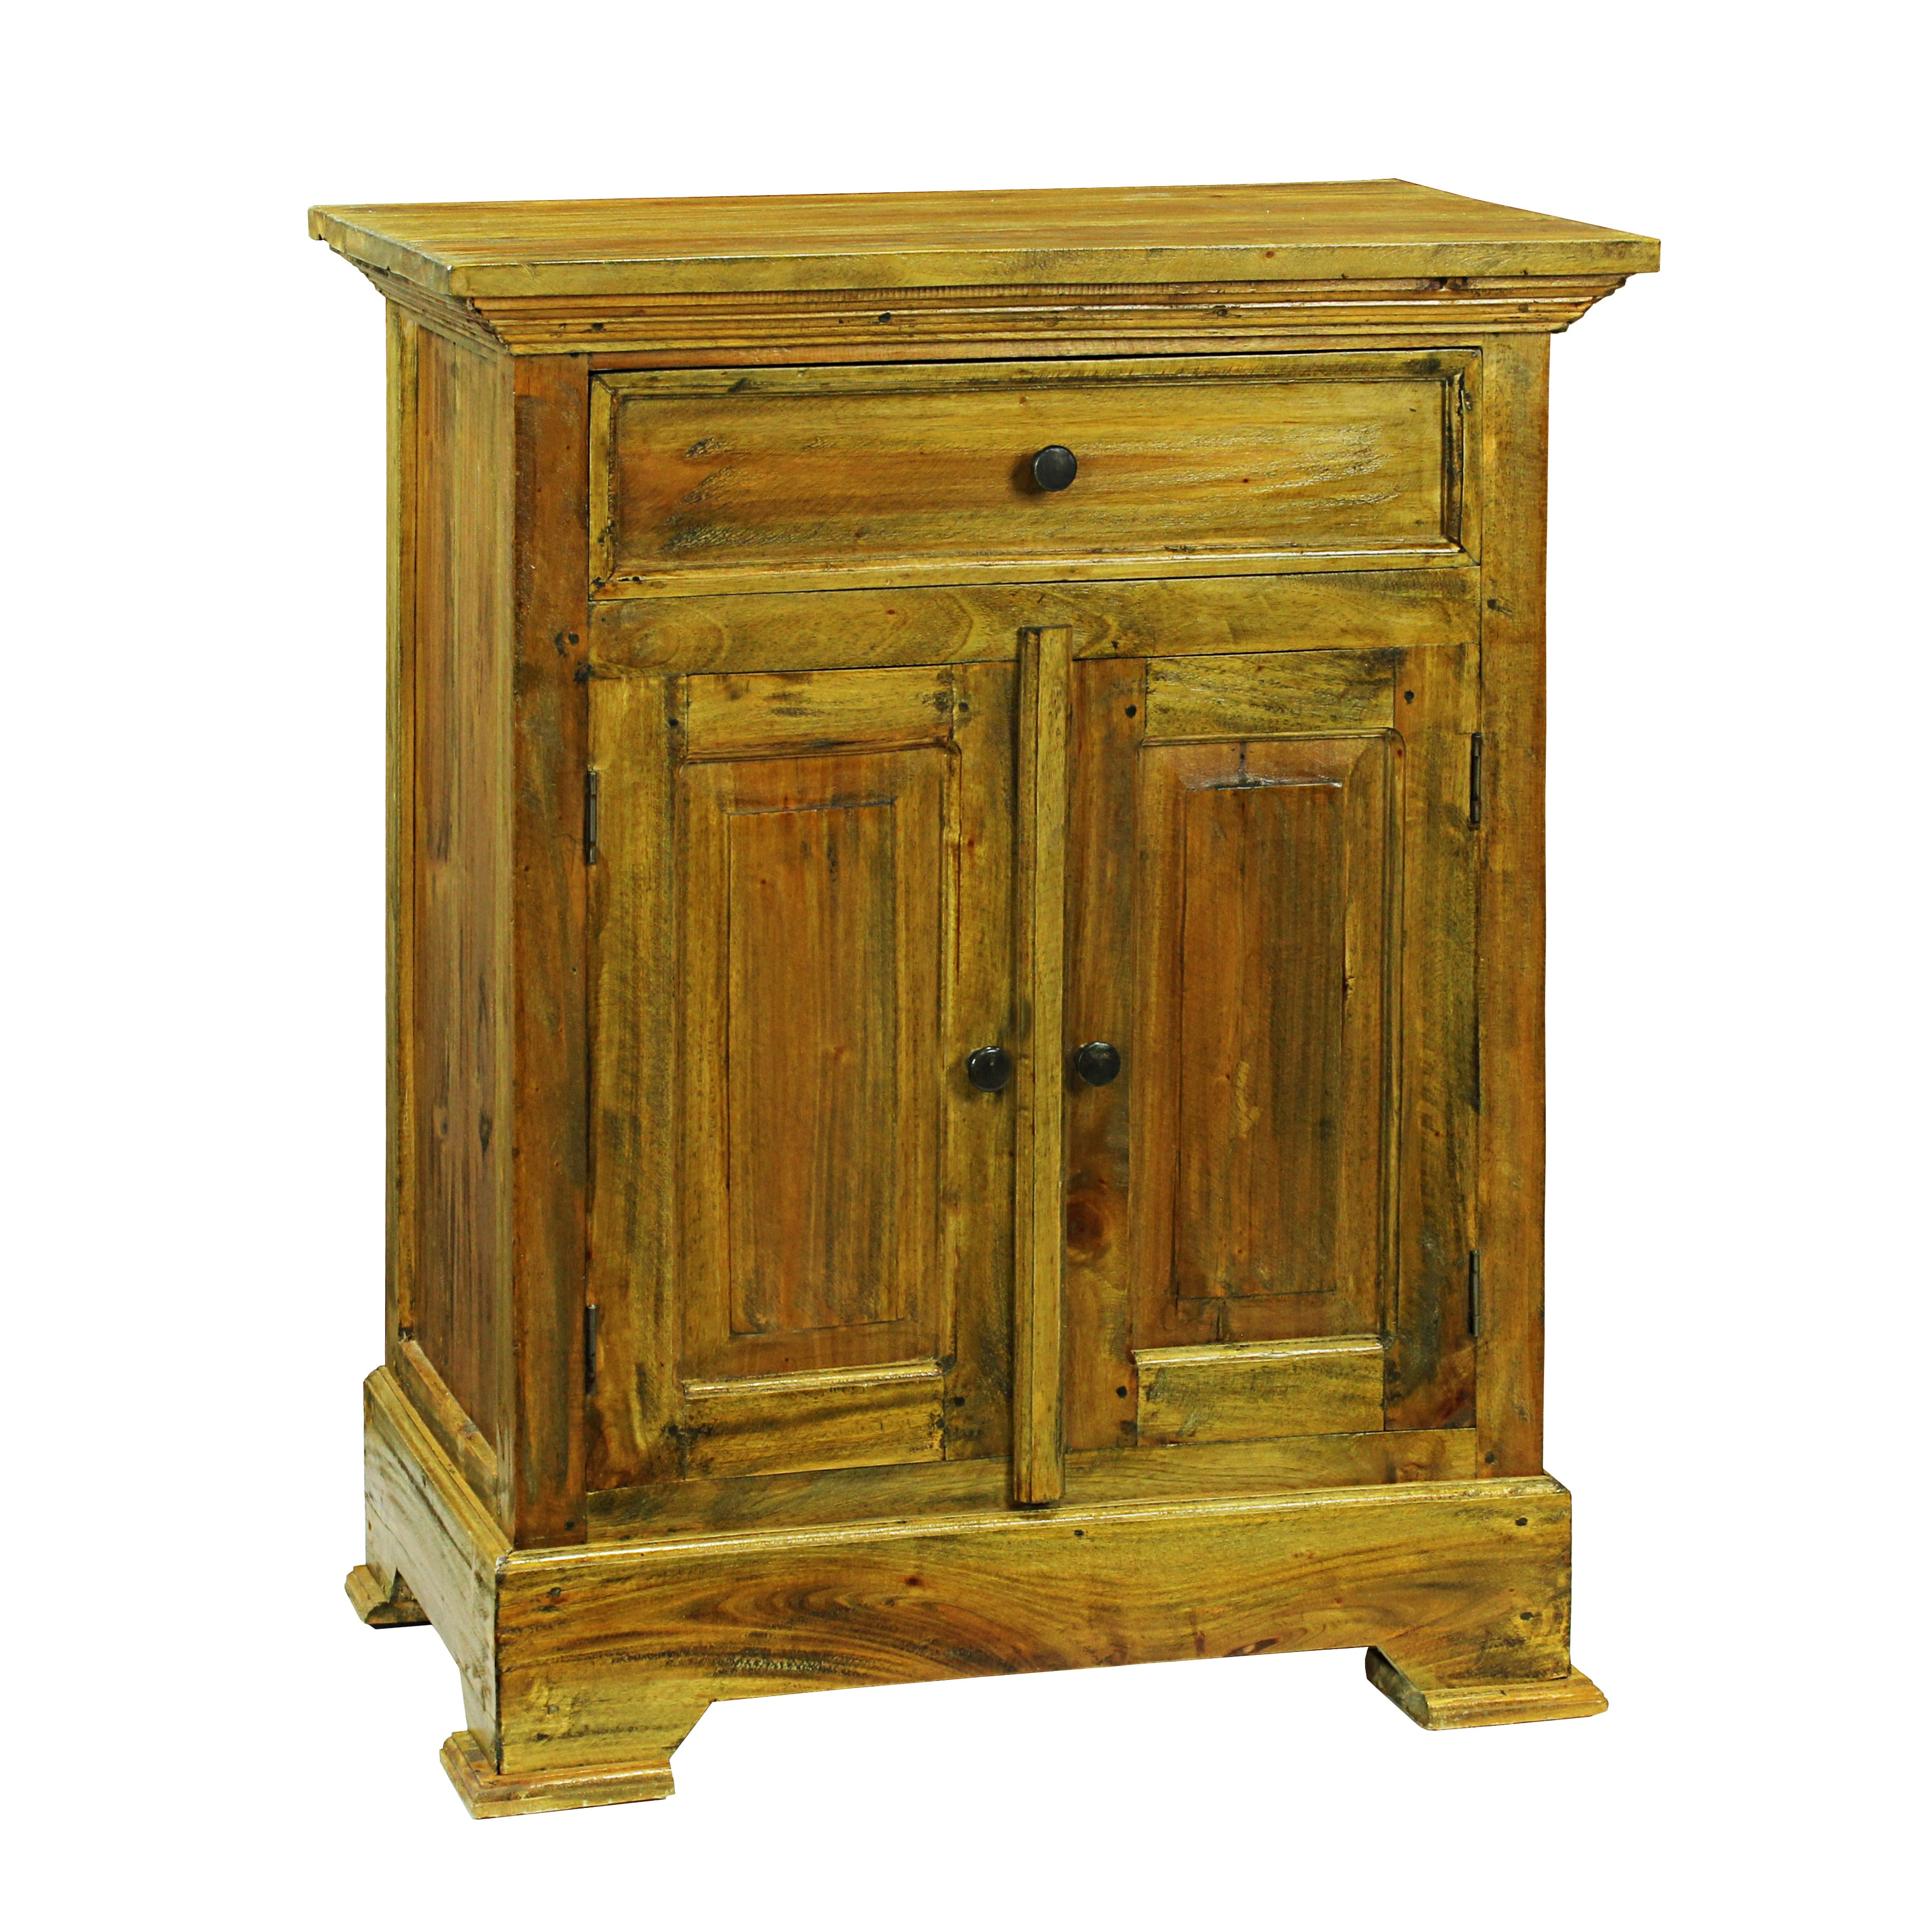 Benjamin Single-Drawer Cabinet